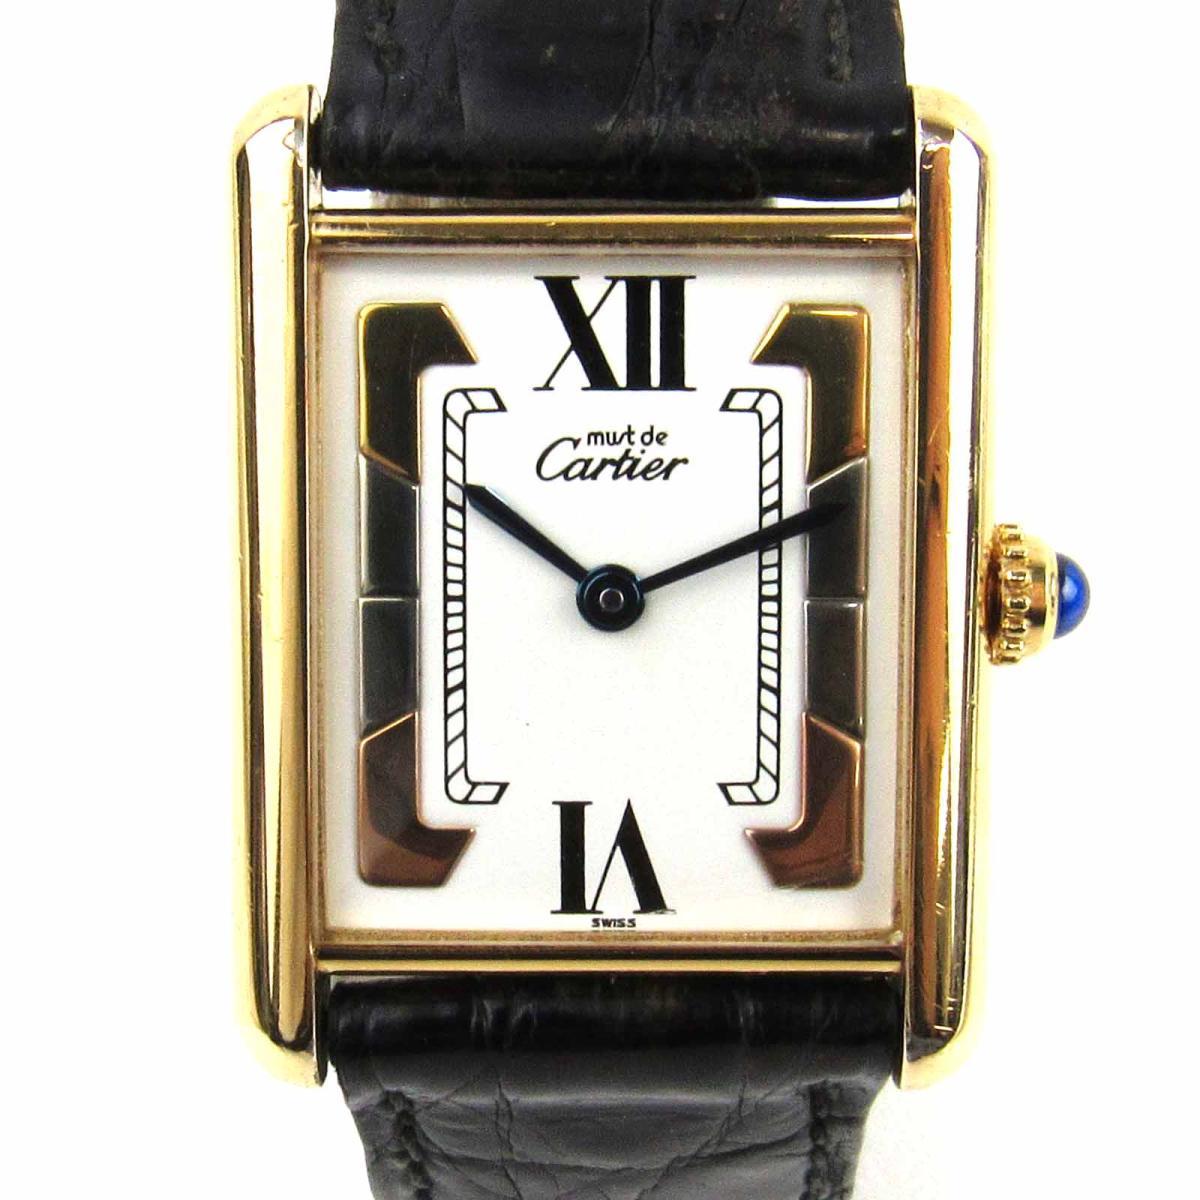 【中古】 カルティエ タンクヴェルメイユ ウォッチ 腕時計 メンズ レディース レザーベルト (クロコ) x 925 (シルバー) 無垢にGOLD 20ミクロンをプレート | Cartier クオーツ クォーツ 時計 タンクヴェルメイユ 美品 ブランドオフ